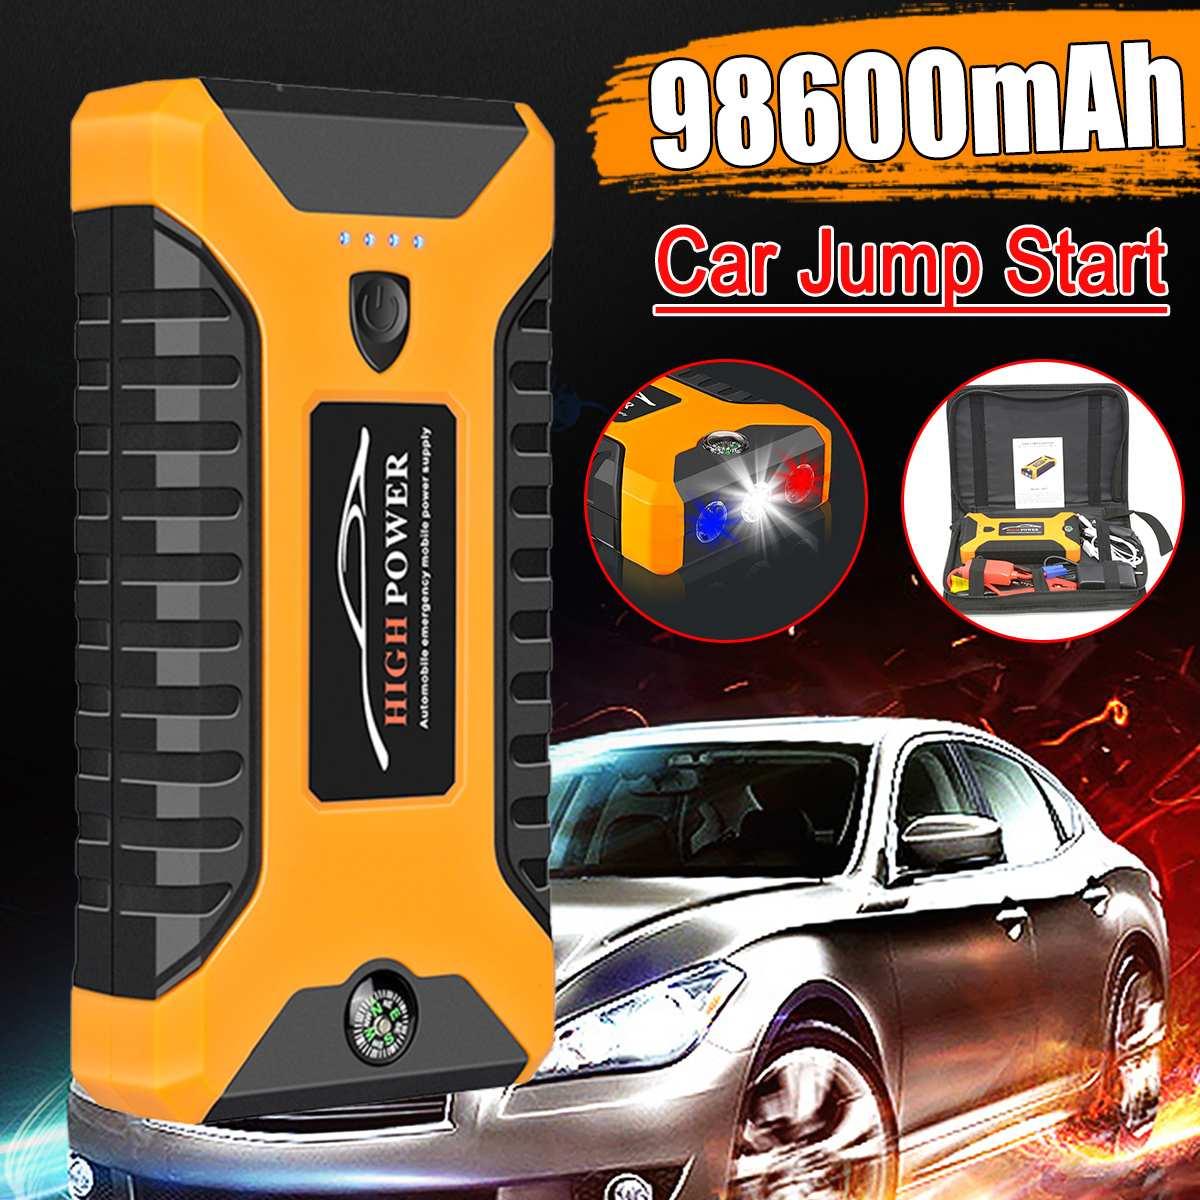 98600 の電源車のジャンプスターター 12 12v ポータブル始動装置電源銀行カーバッテリーブースターバスター 4 USB